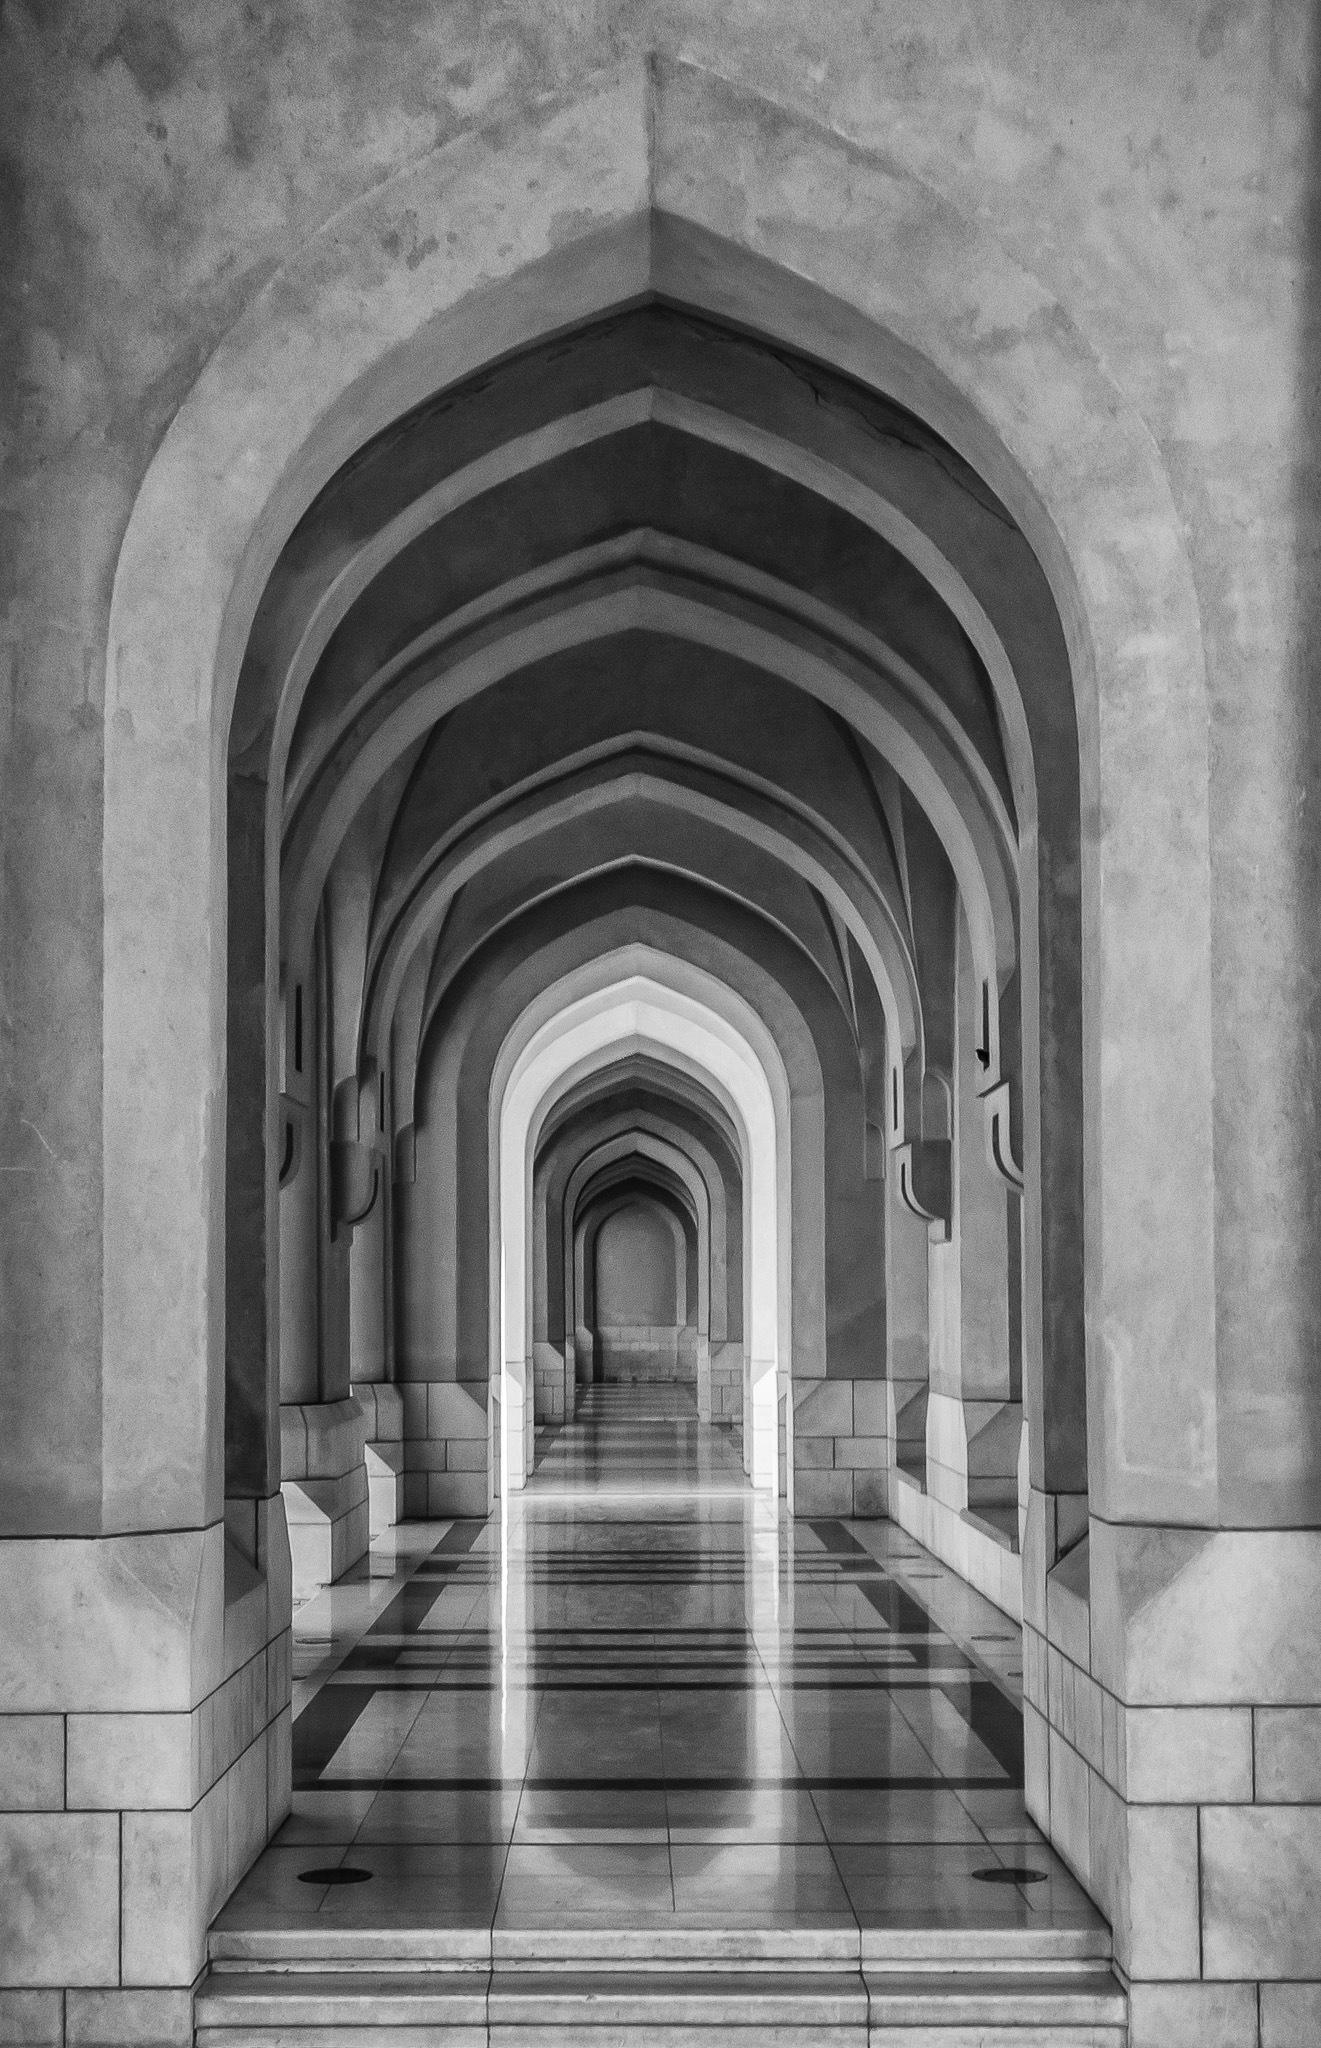 Symmetry by JohannesTonn